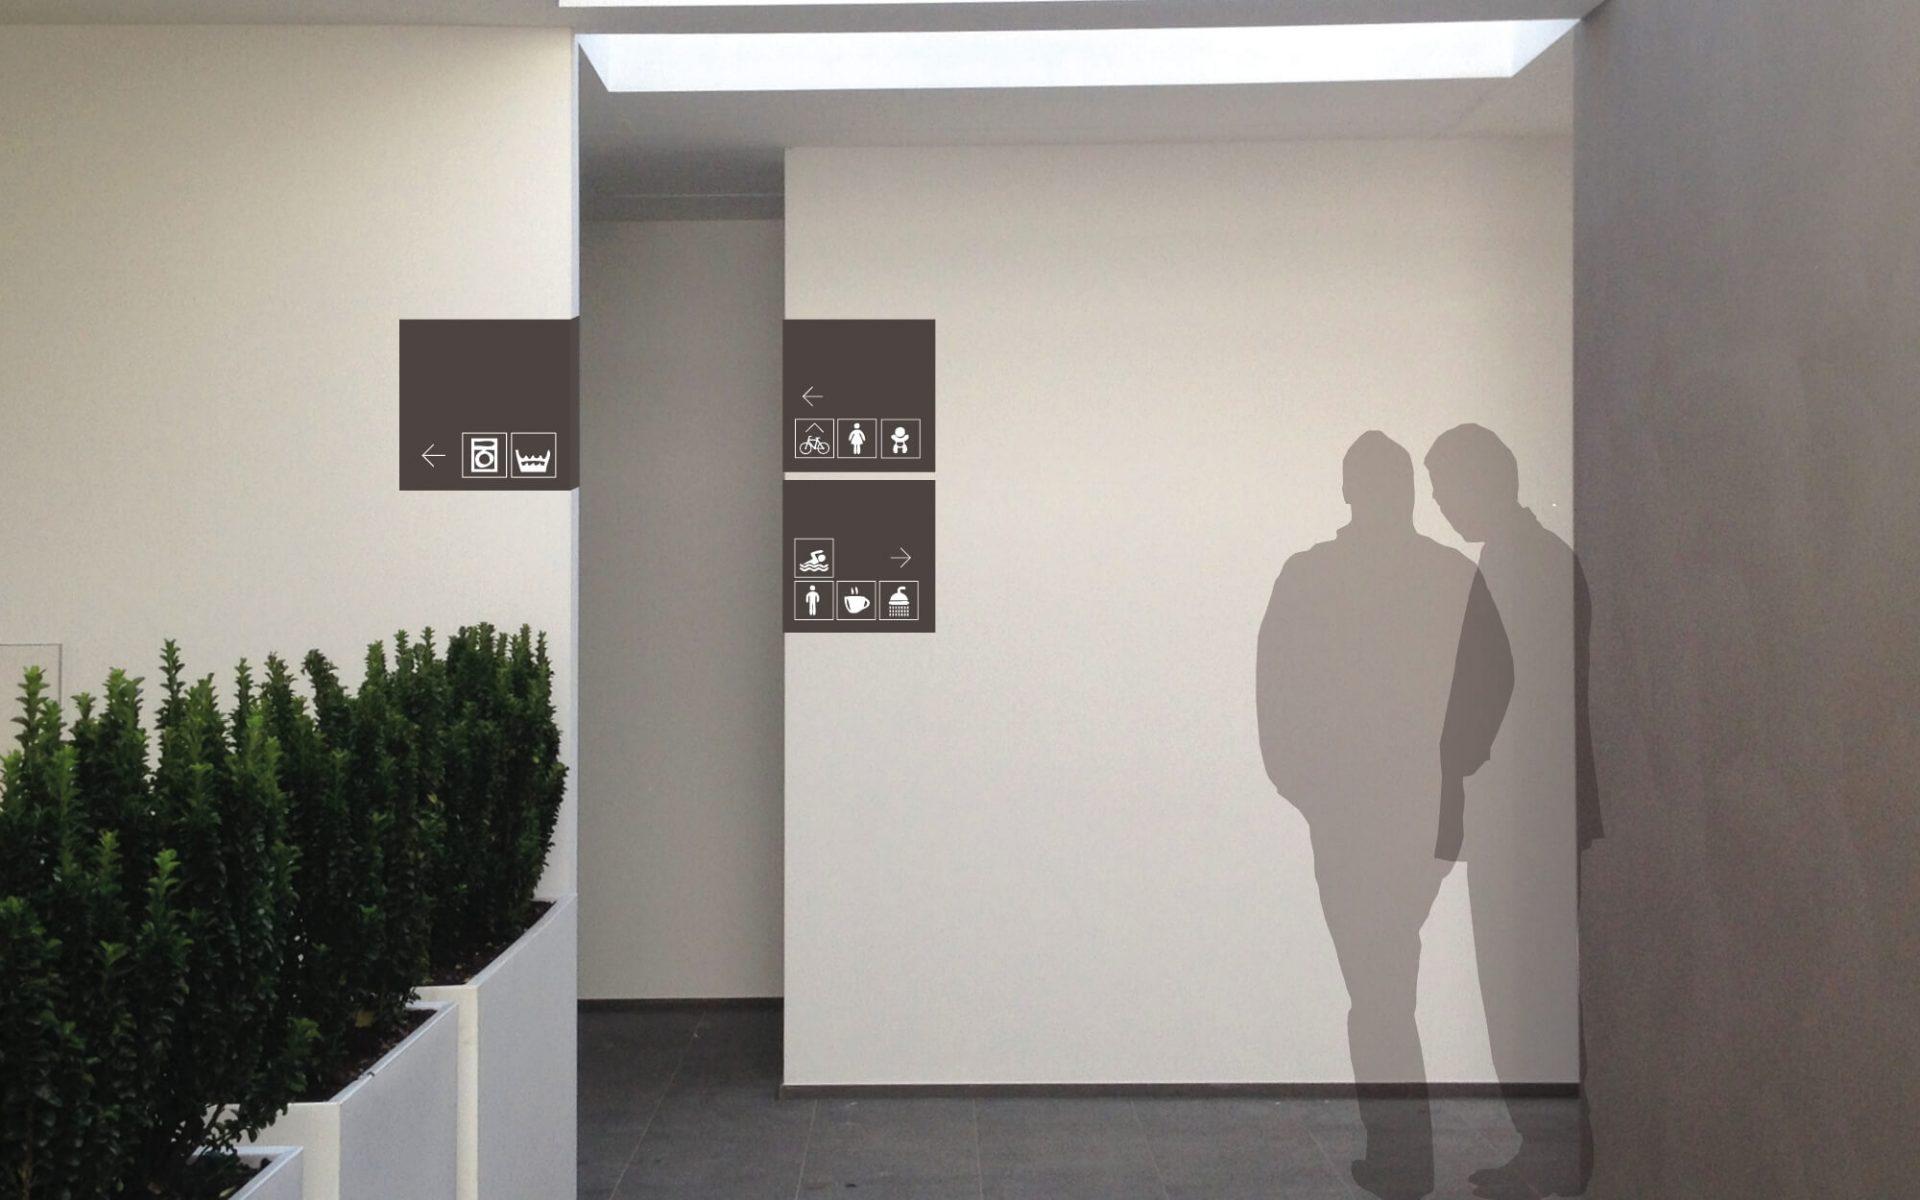 cartelli segnaletici in metallo coordinati alla immagine aziendale, progettati dallo studio grafico diade per verdepiano camping